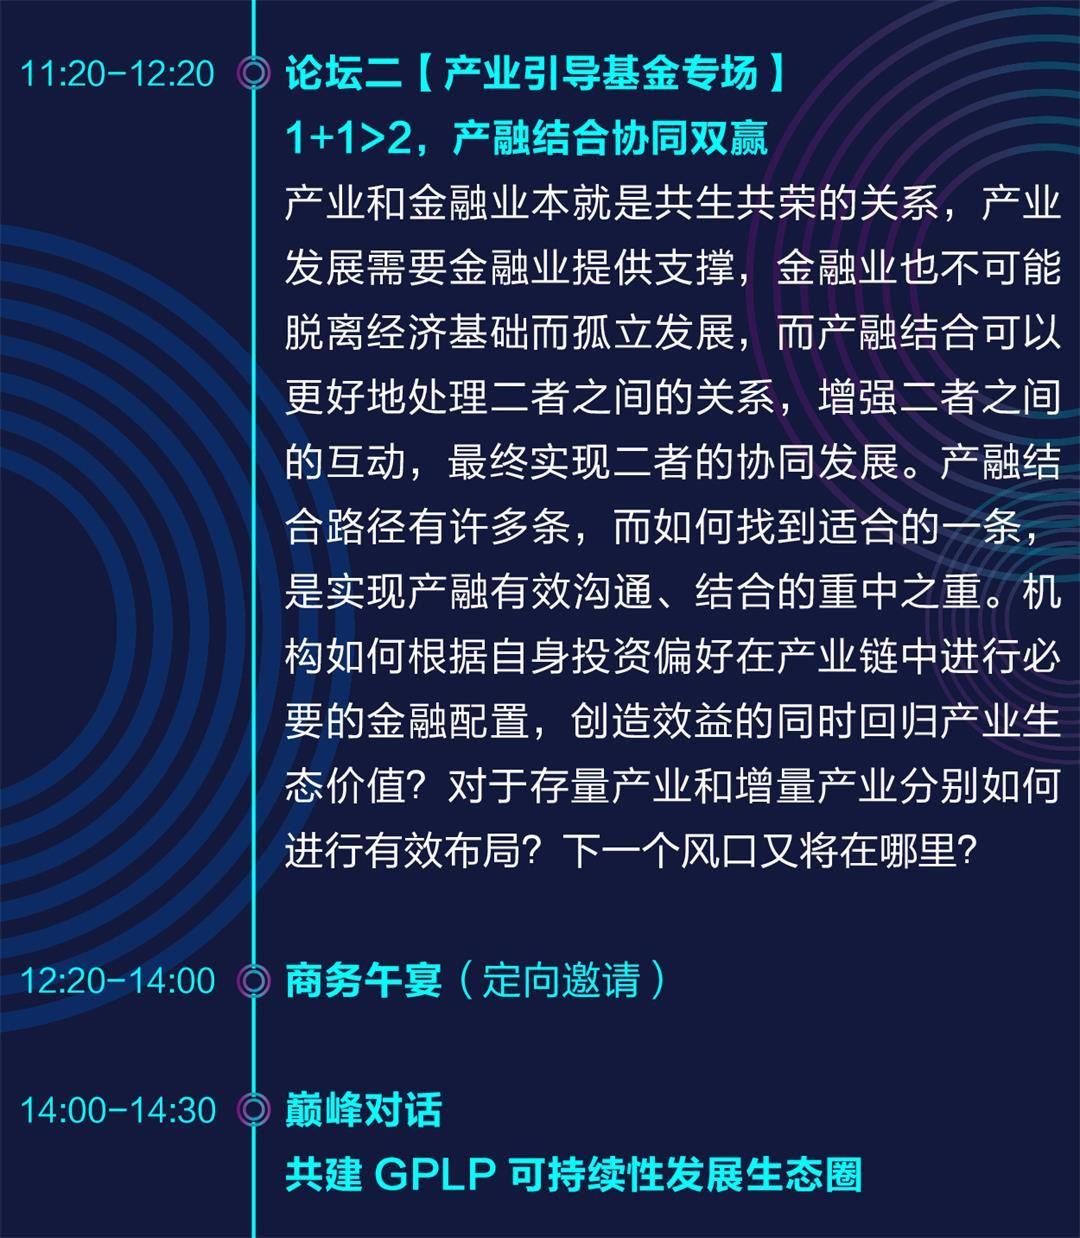 2021有限合伙人峰会_06.jpg